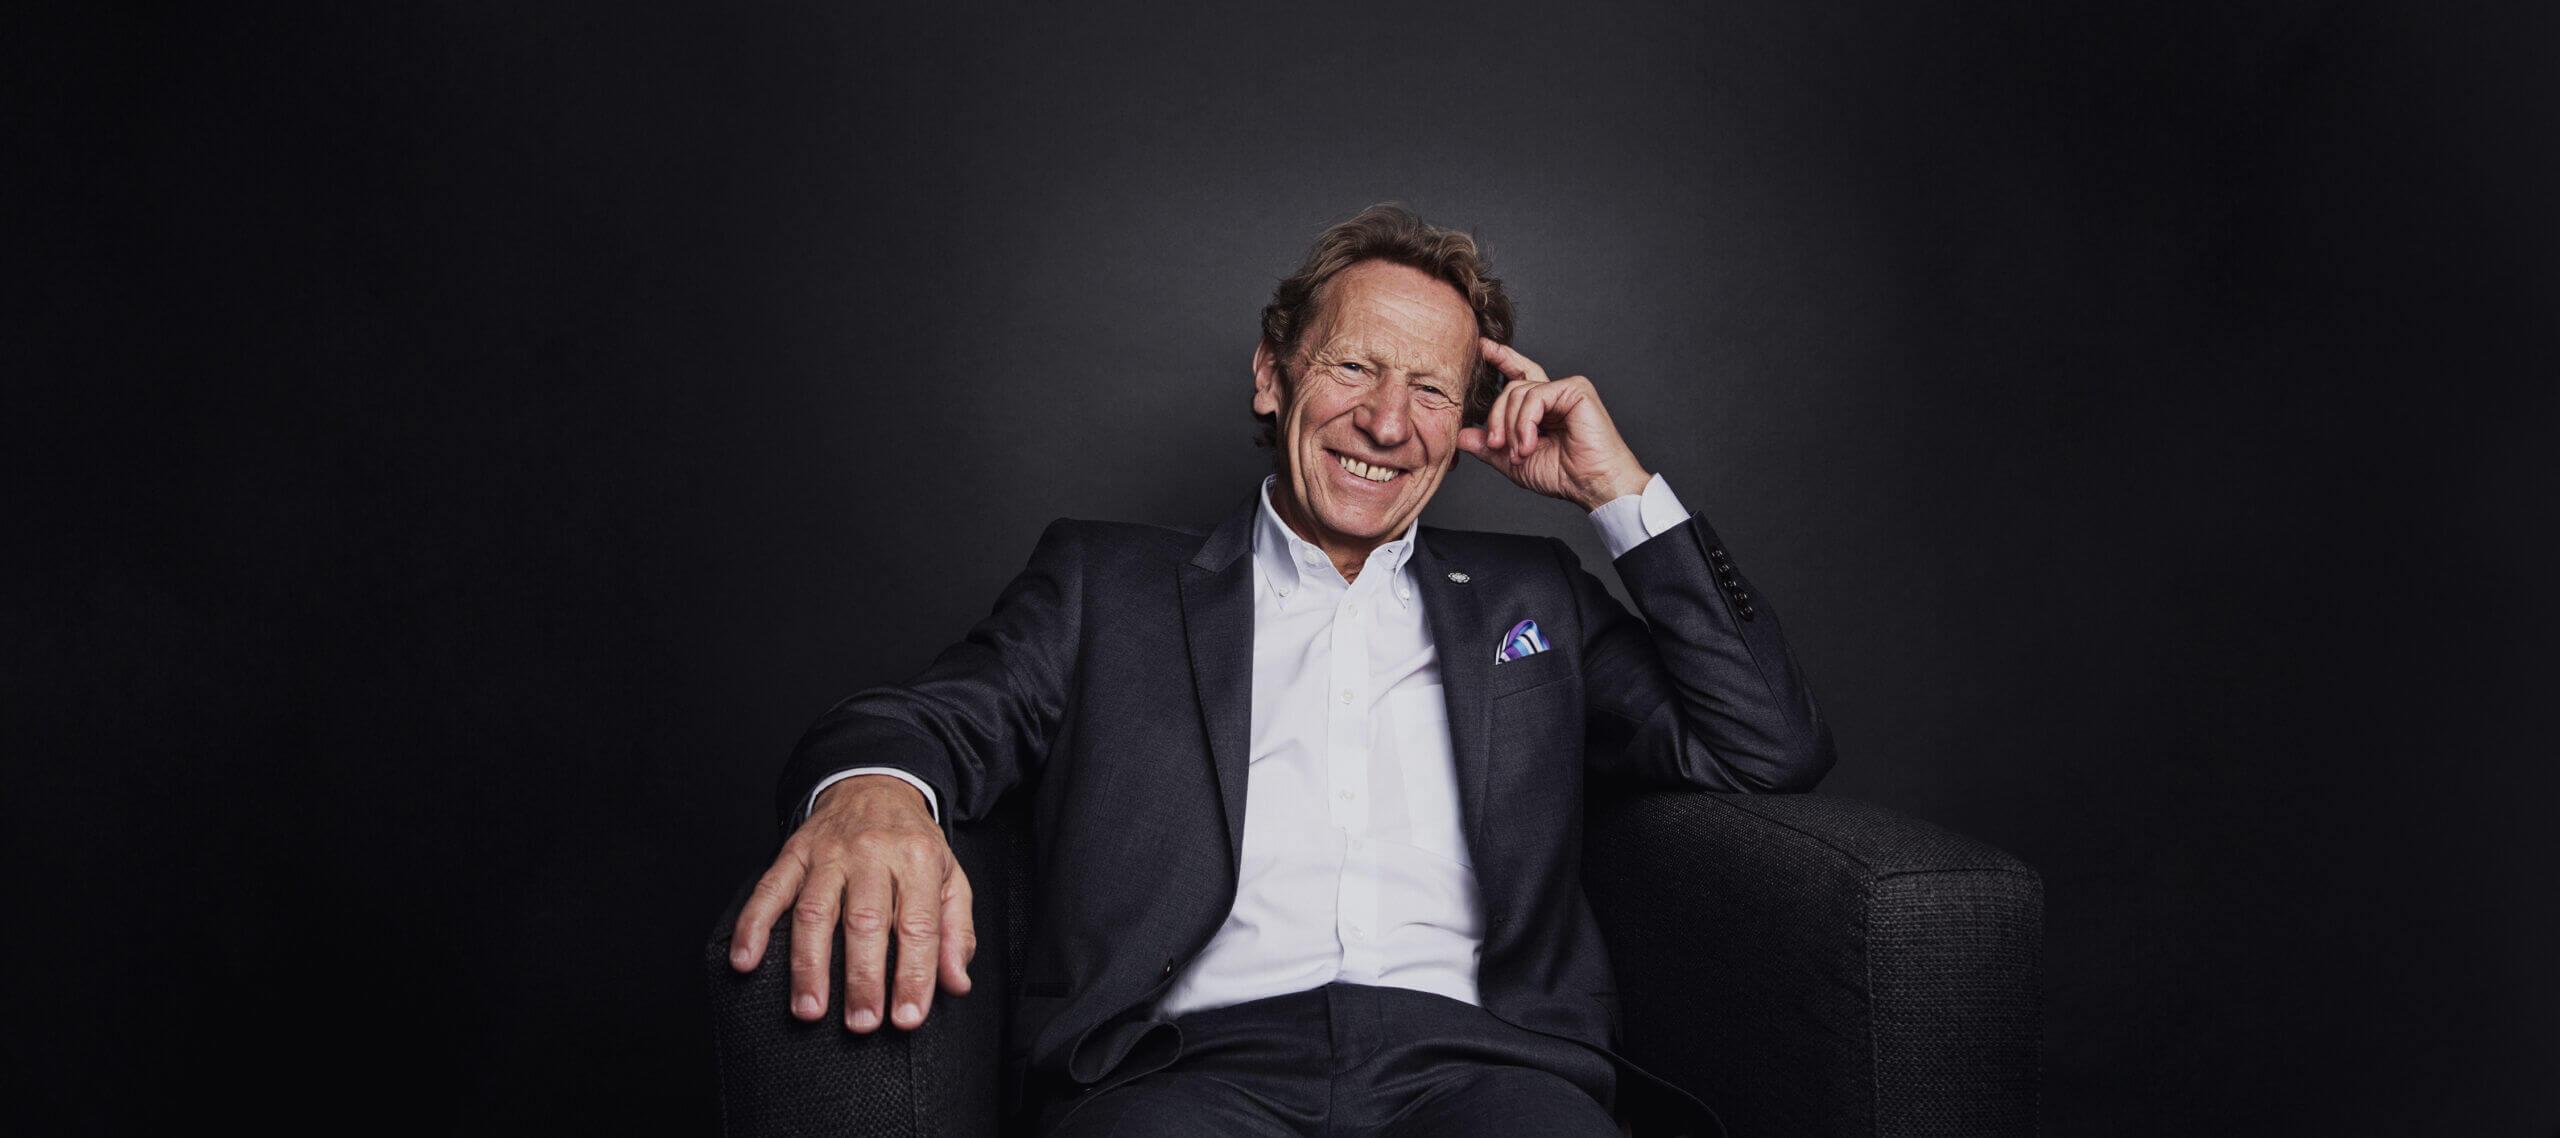 Hubert E. Grünbaum - Wirtschaftsprüfer, Steuerberater, Vorstandsvorsitzender